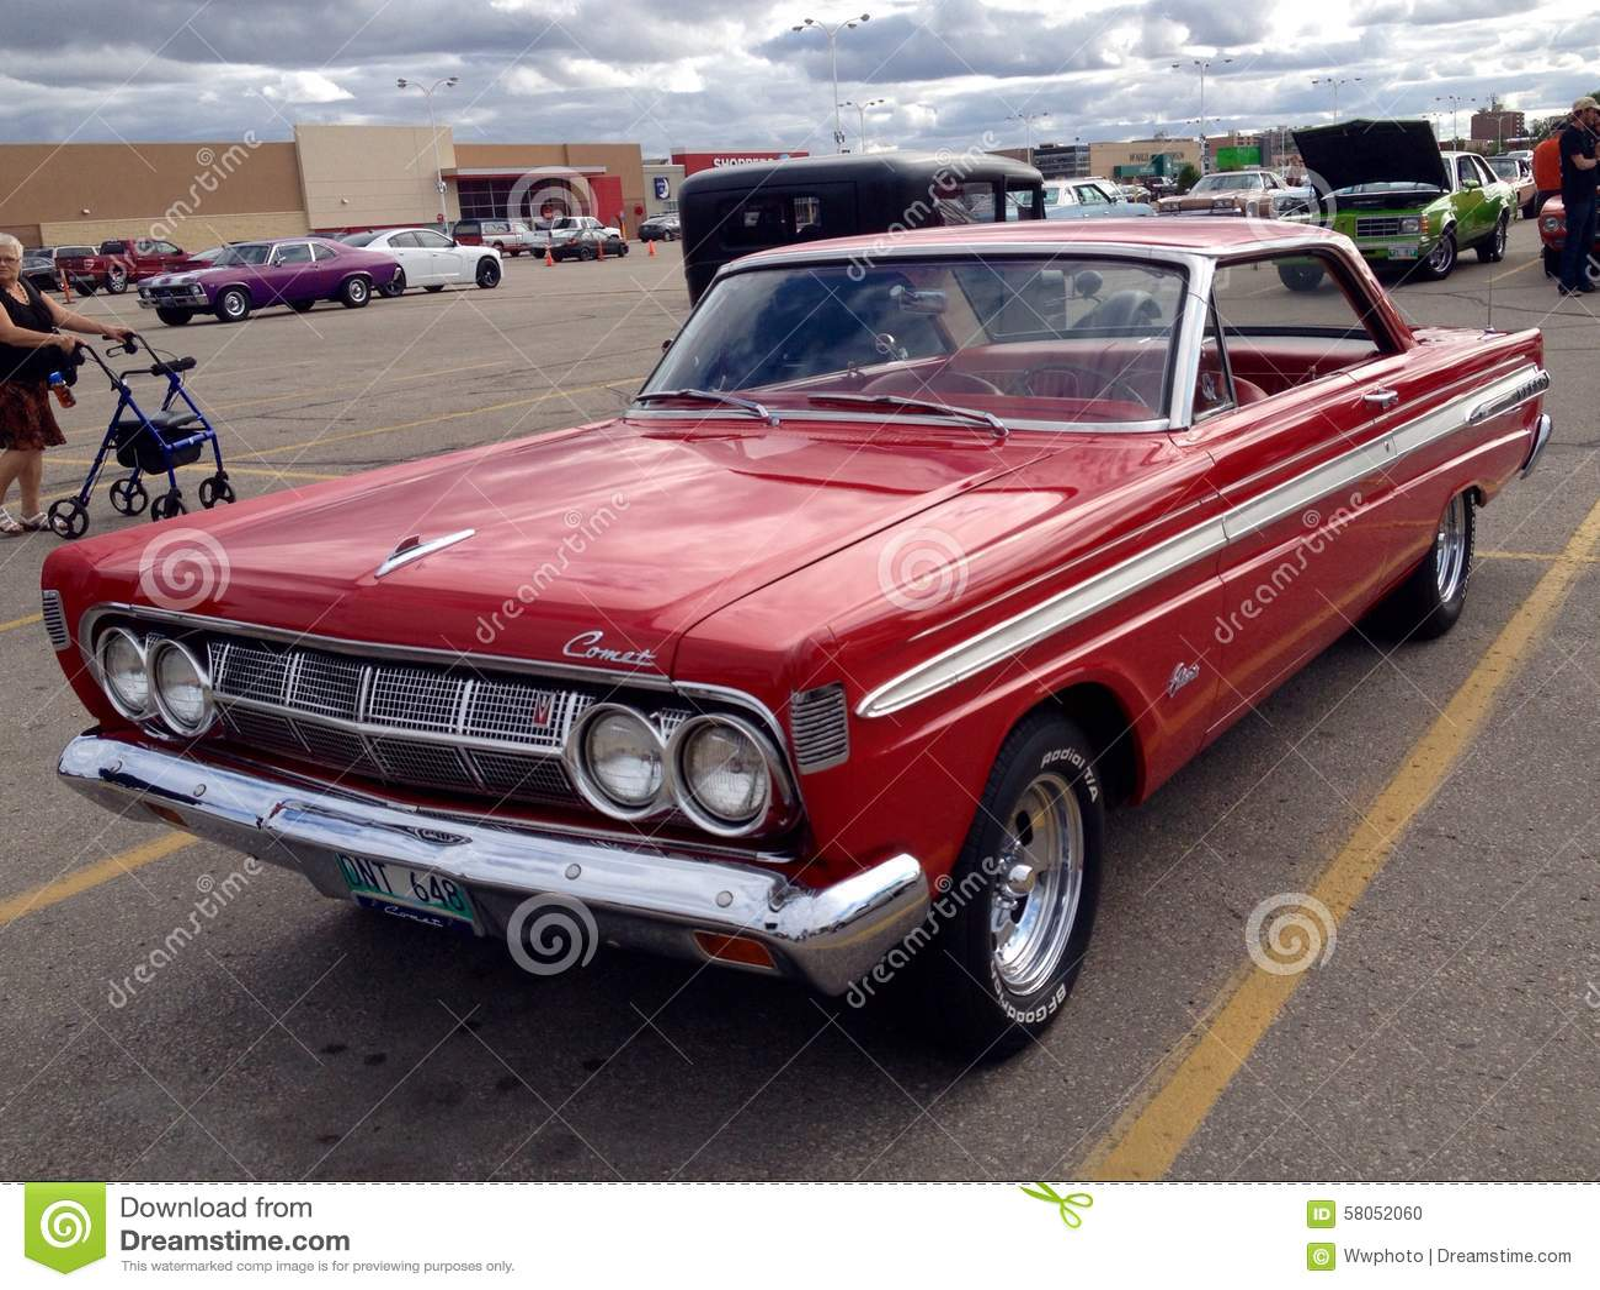 Winnipeg Classic Cars Id